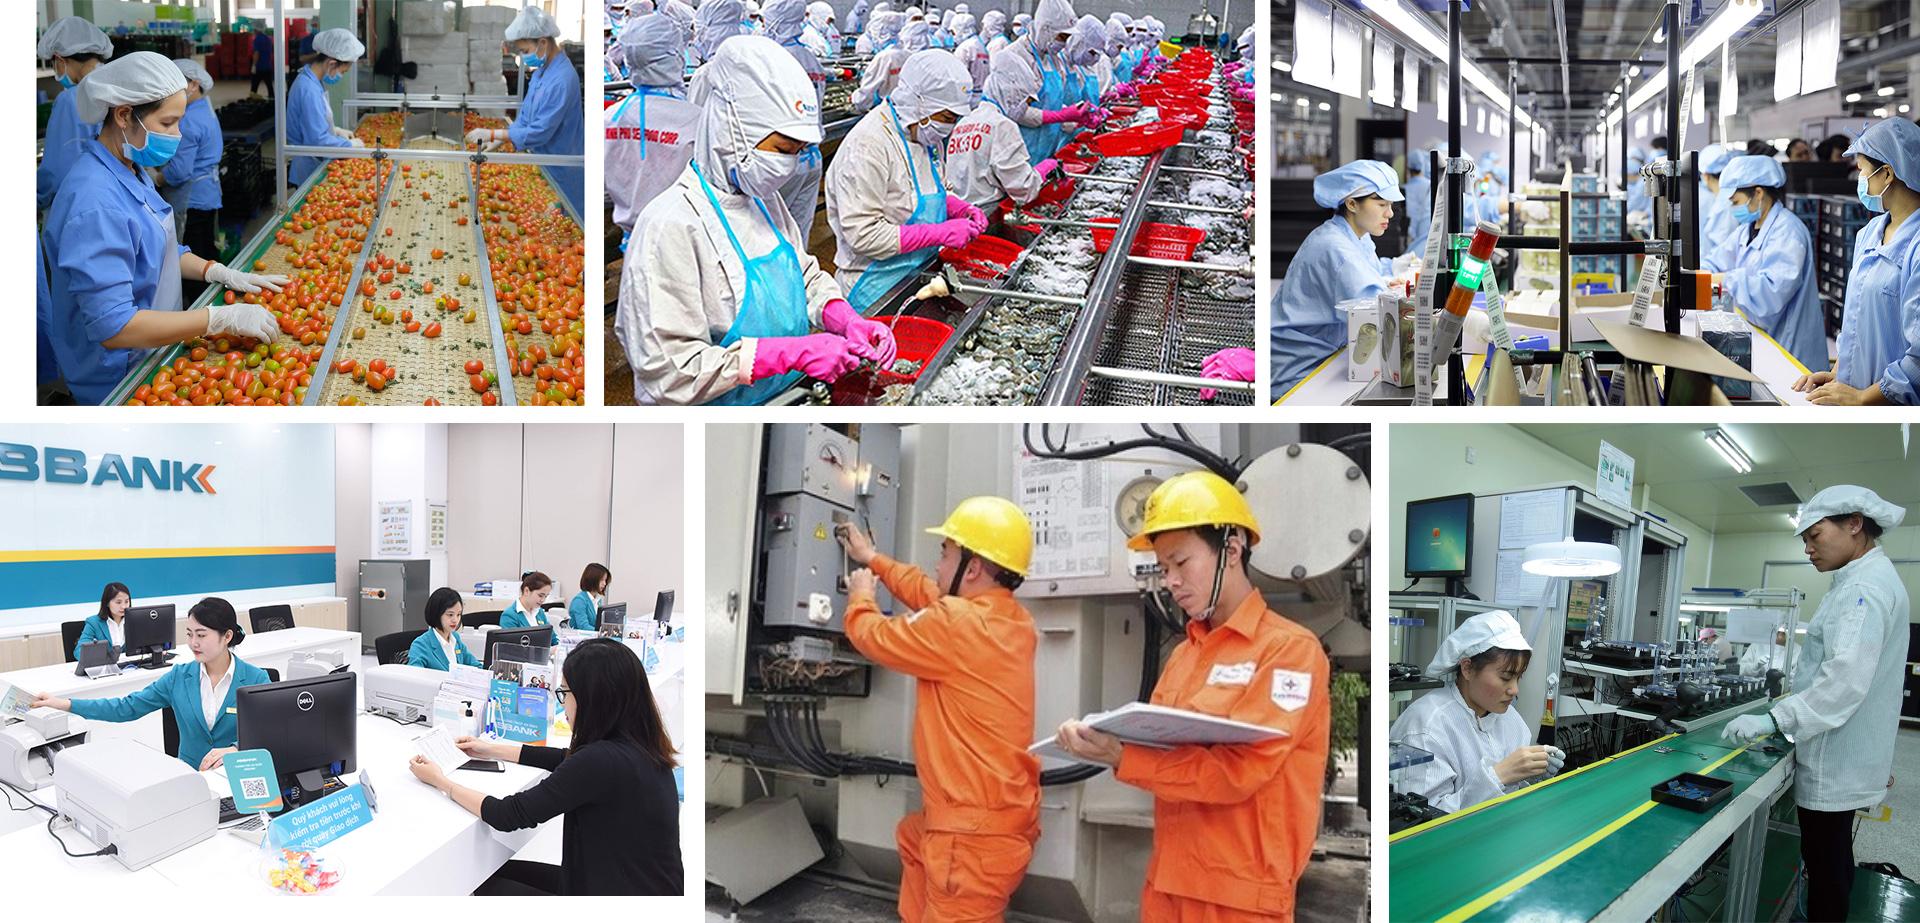 Tạo động lực cho thị trường lao động hiện đại và việc làm bền vững -0